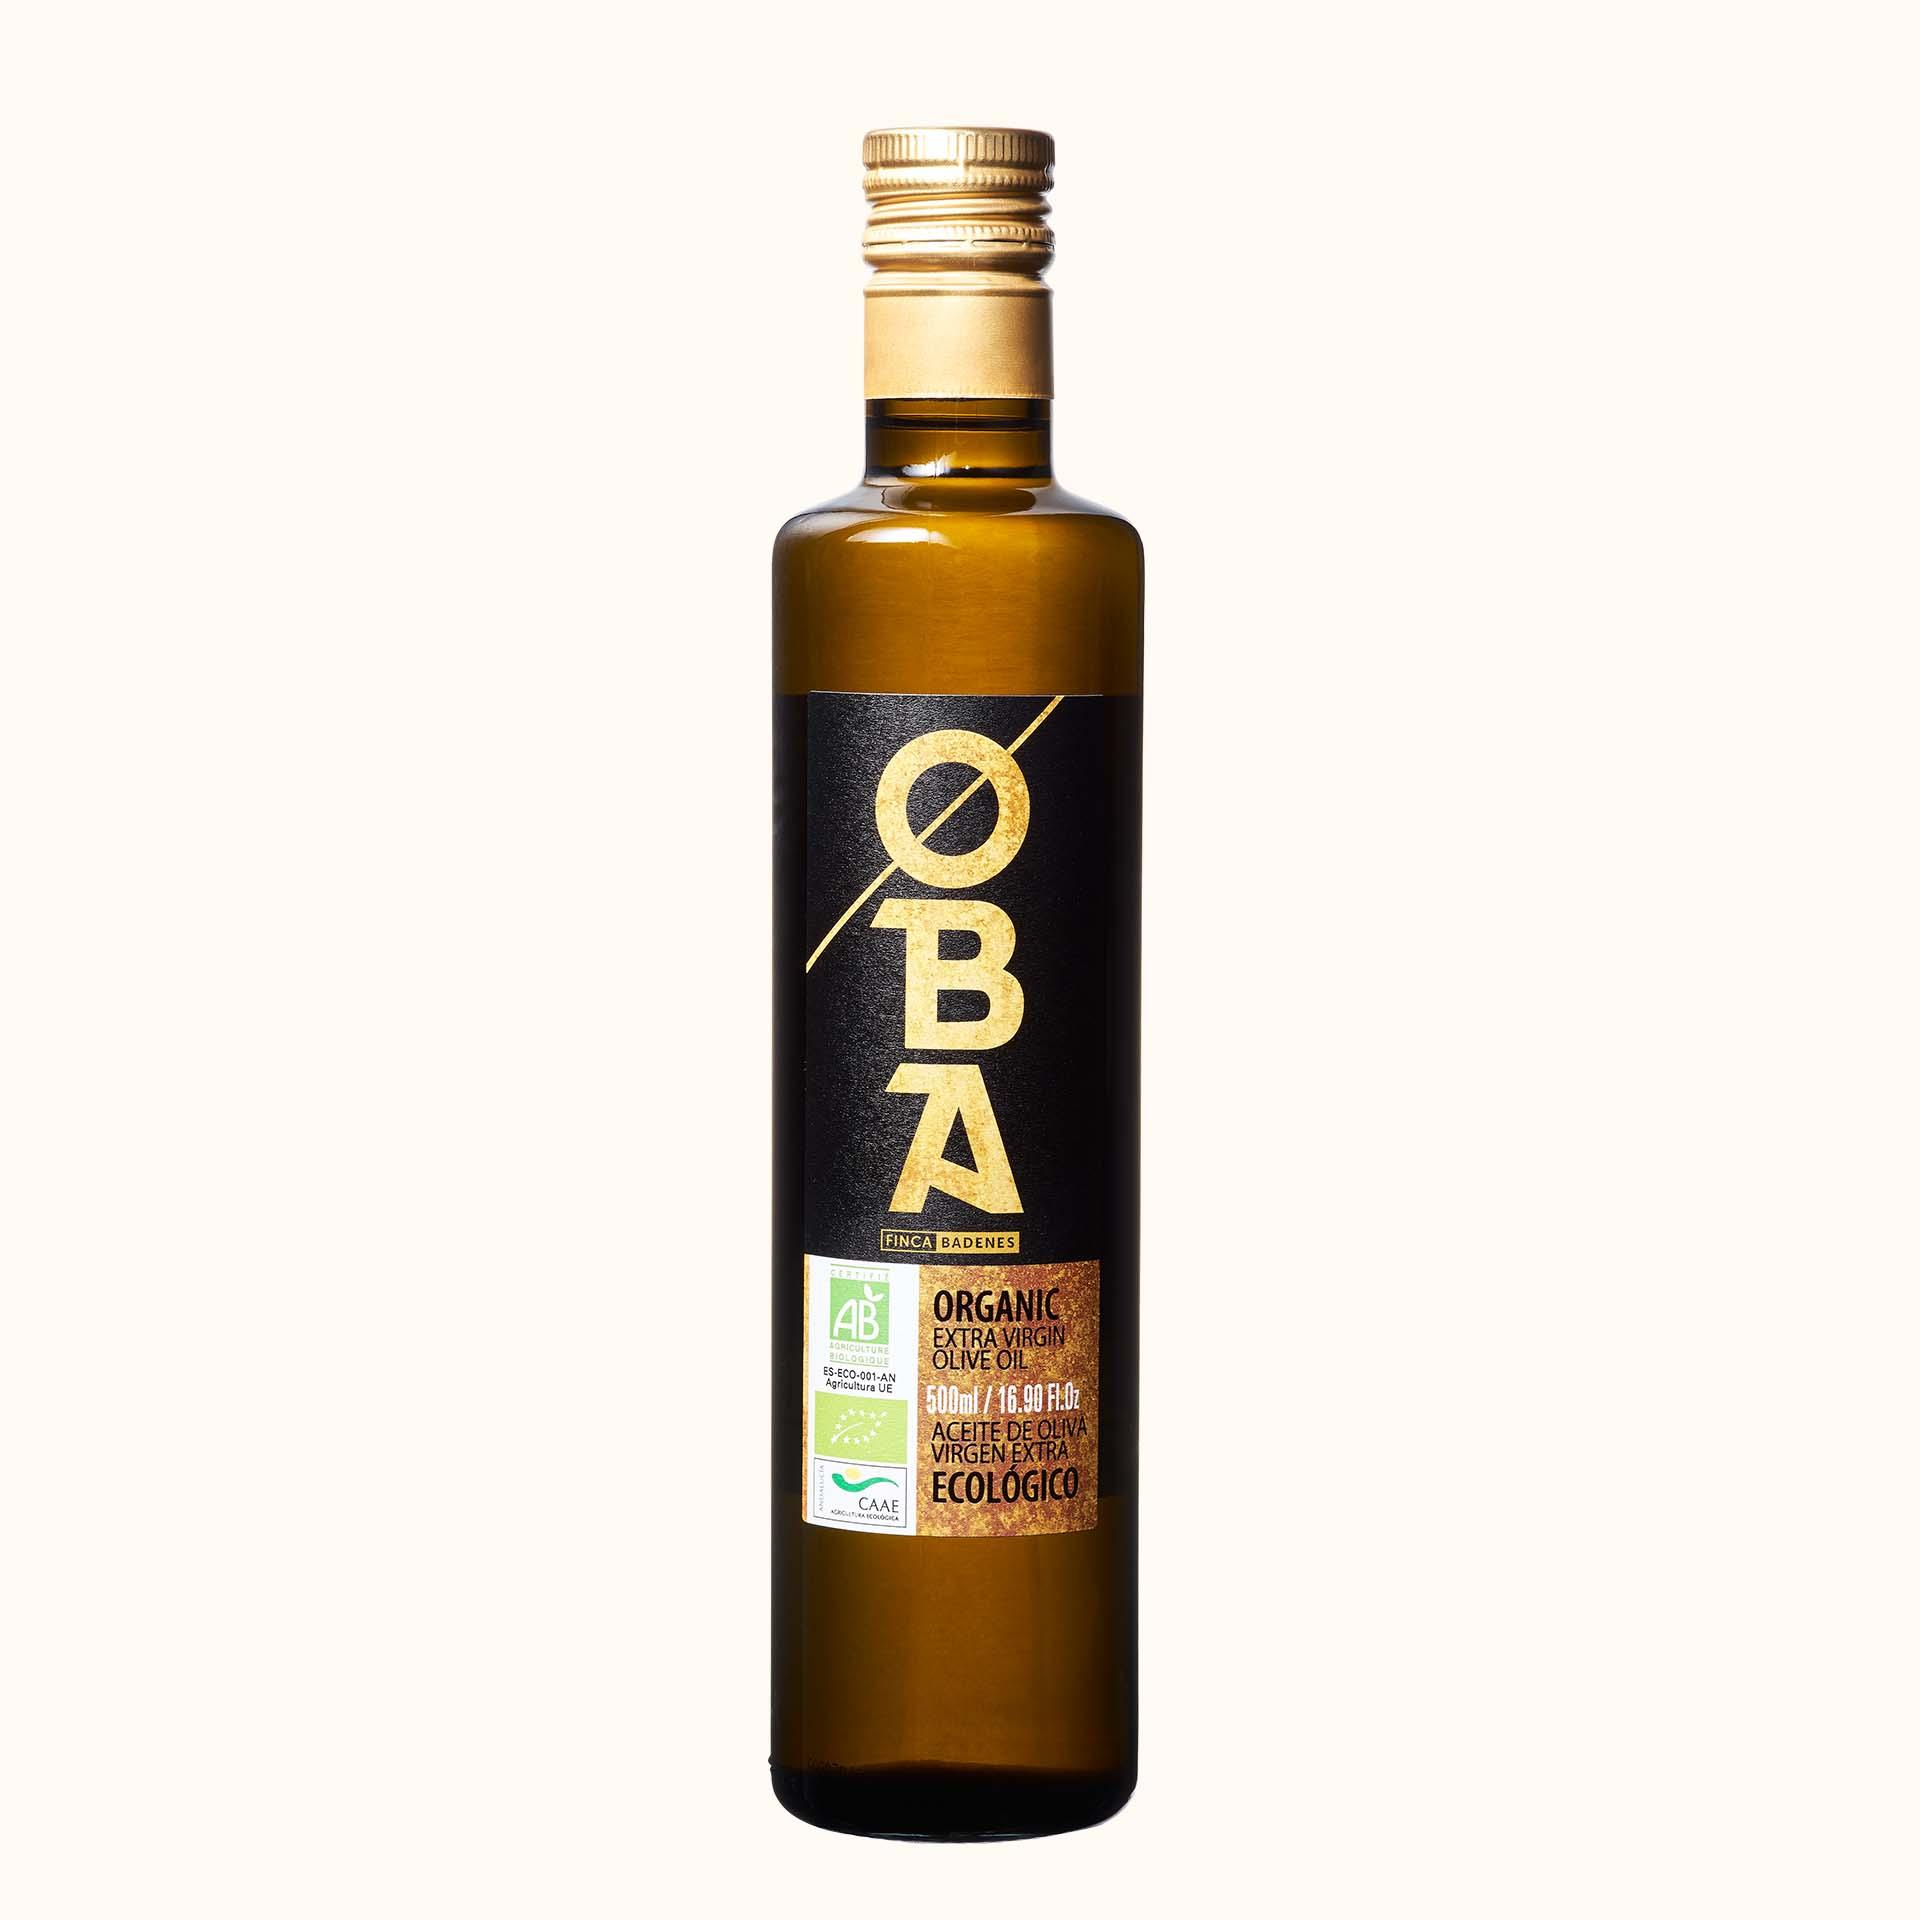 【瓶身瑕疵】OBA有機特級冷壓初榨橄欖油500ml(效期:20200309~20230308)